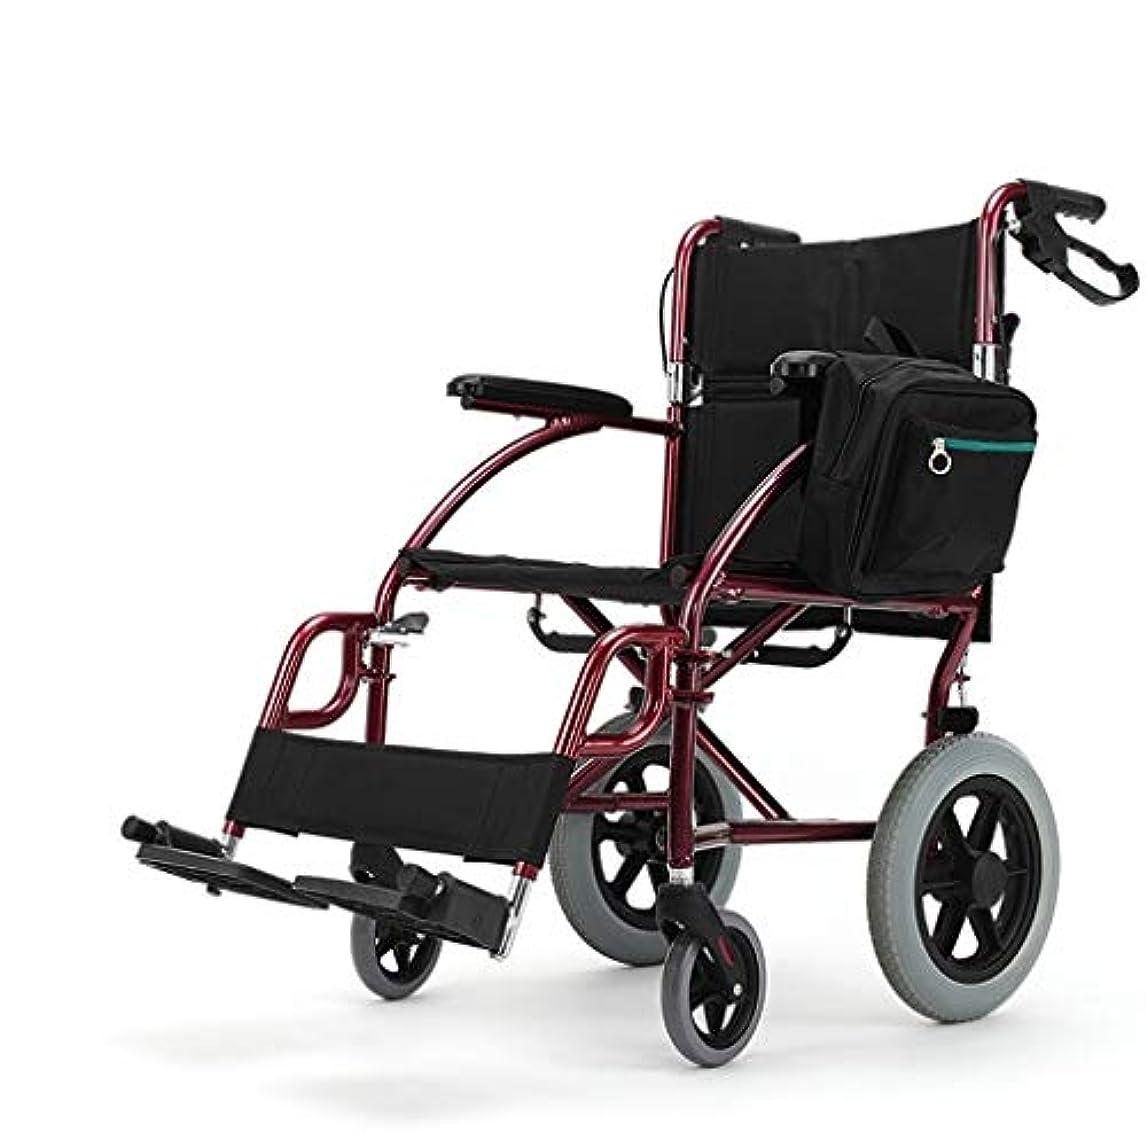 コロニアル最初つば折りたたみ車椅子取り外し可能なペダル、折りたたみ式背部無効車椅子、屋外旅行車椅子用の軽量でポータブル